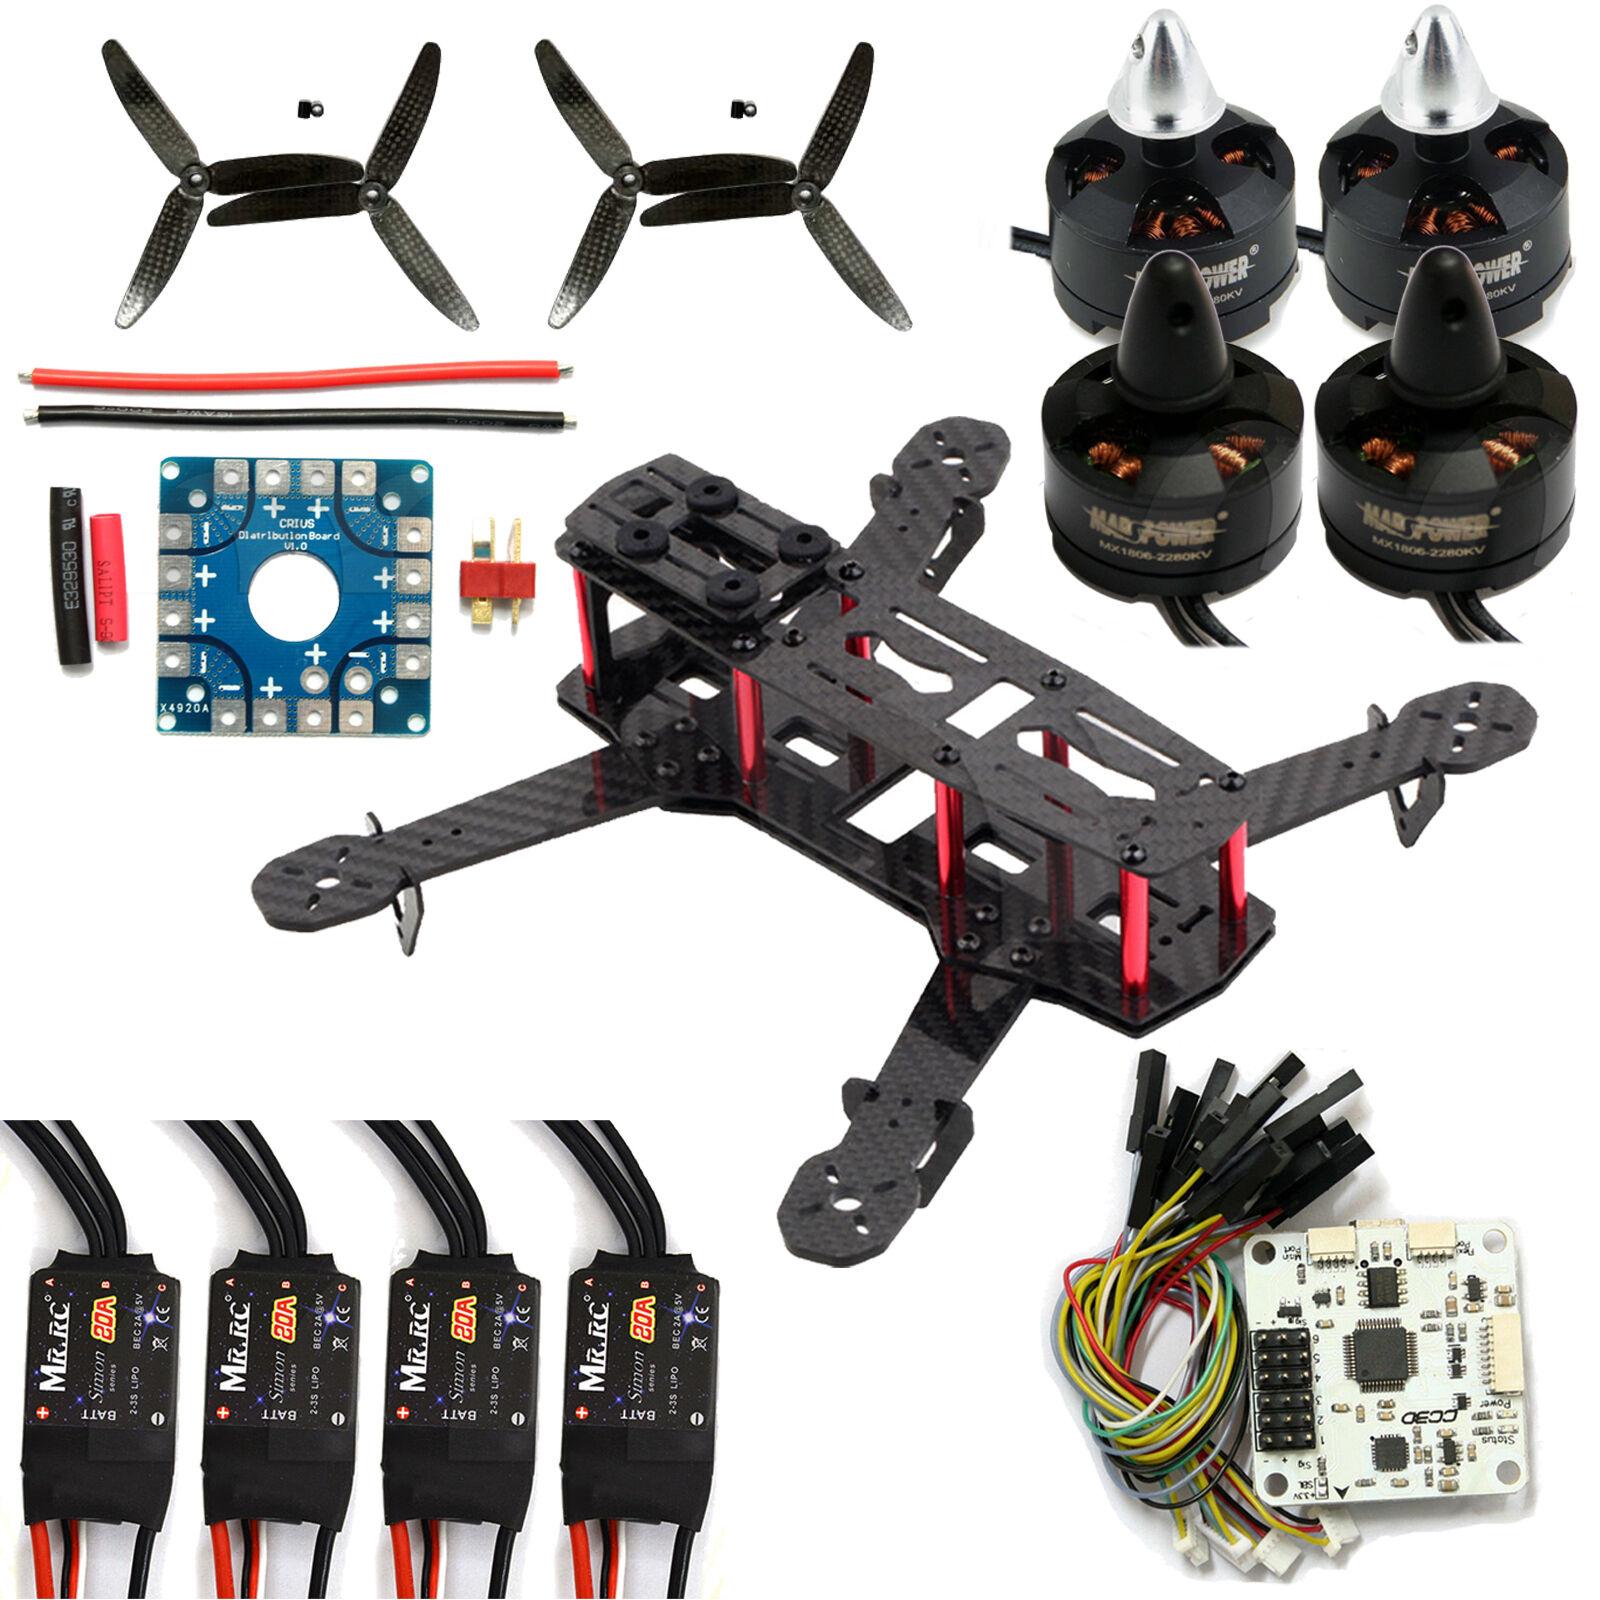 varm 250 Kolfiber Quadcopter Framme Kit CC3D Propeller 2280KV Motor 20A ESC OZ